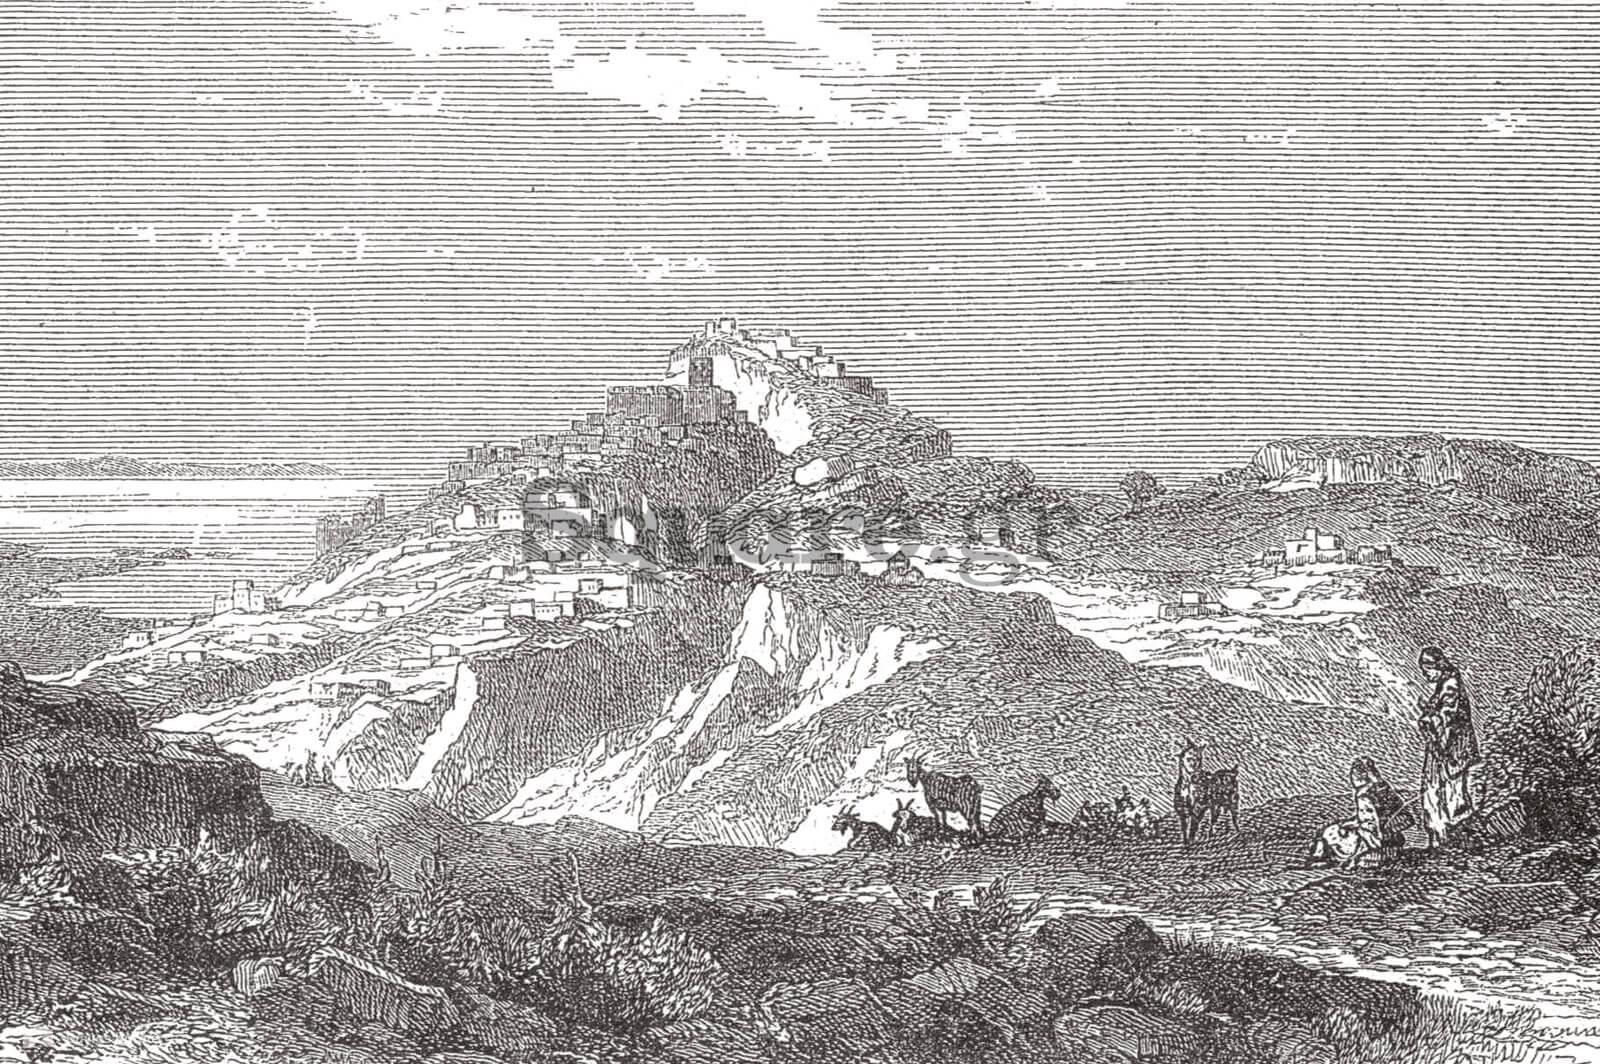 7-Ο-Άγιος-Γεώργιος-στη-Σκύρο.-Le-tour-du-Monde-1876